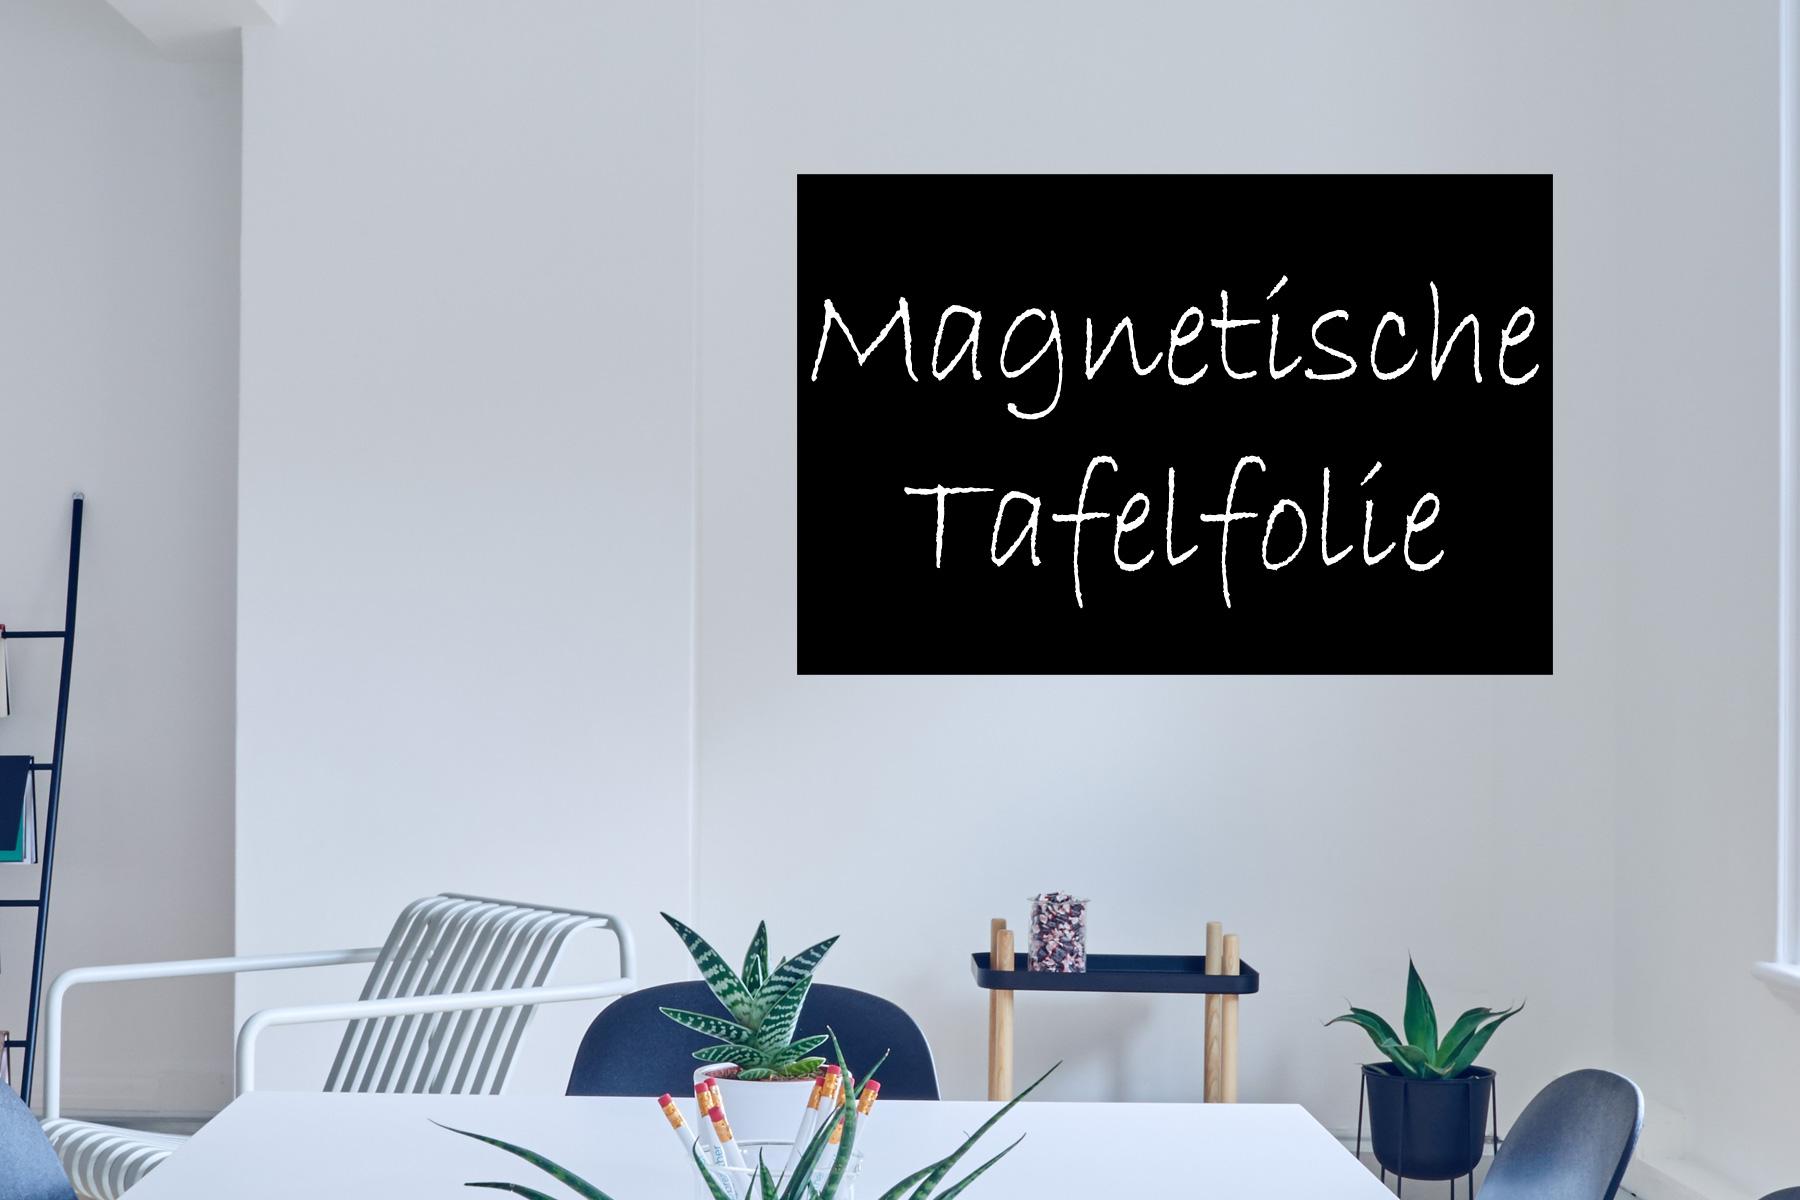 magnetische tafelfolie selbstklebend f r magnete. Black Bedroom Furniture Sets. Home Design Ideas